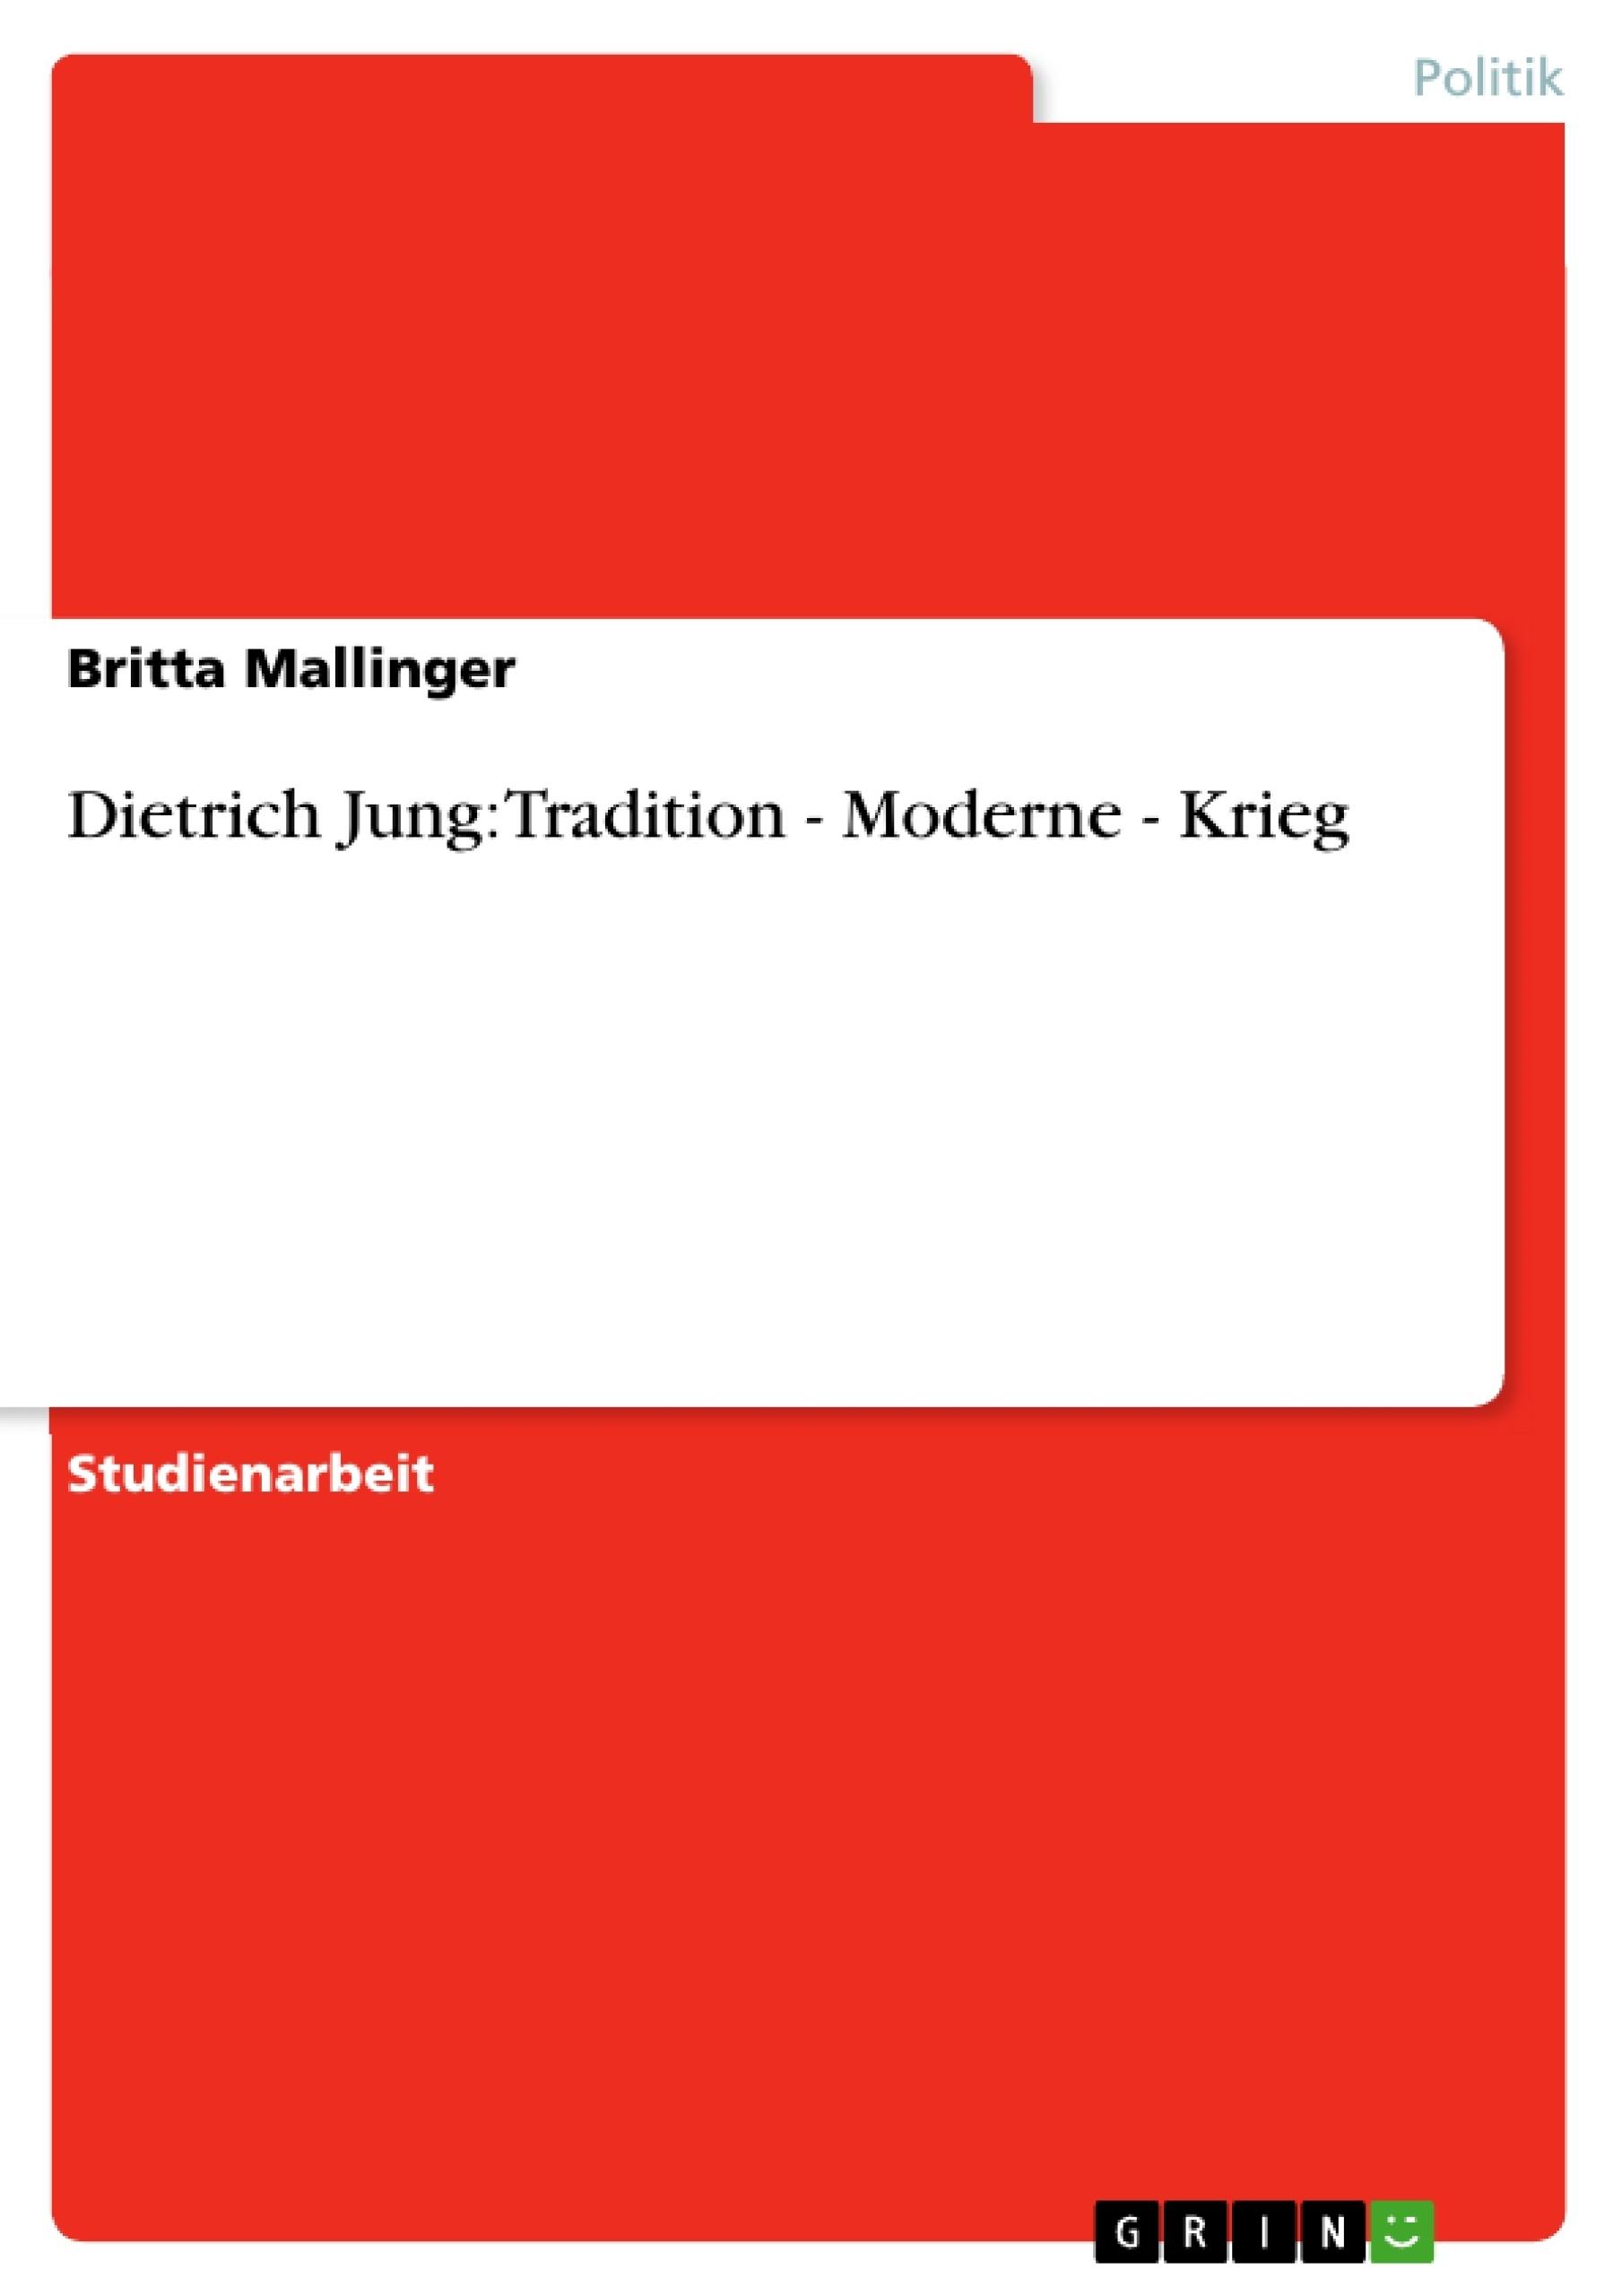 Titel: Dietrich Jung: Tradition - Moderne - Krieg